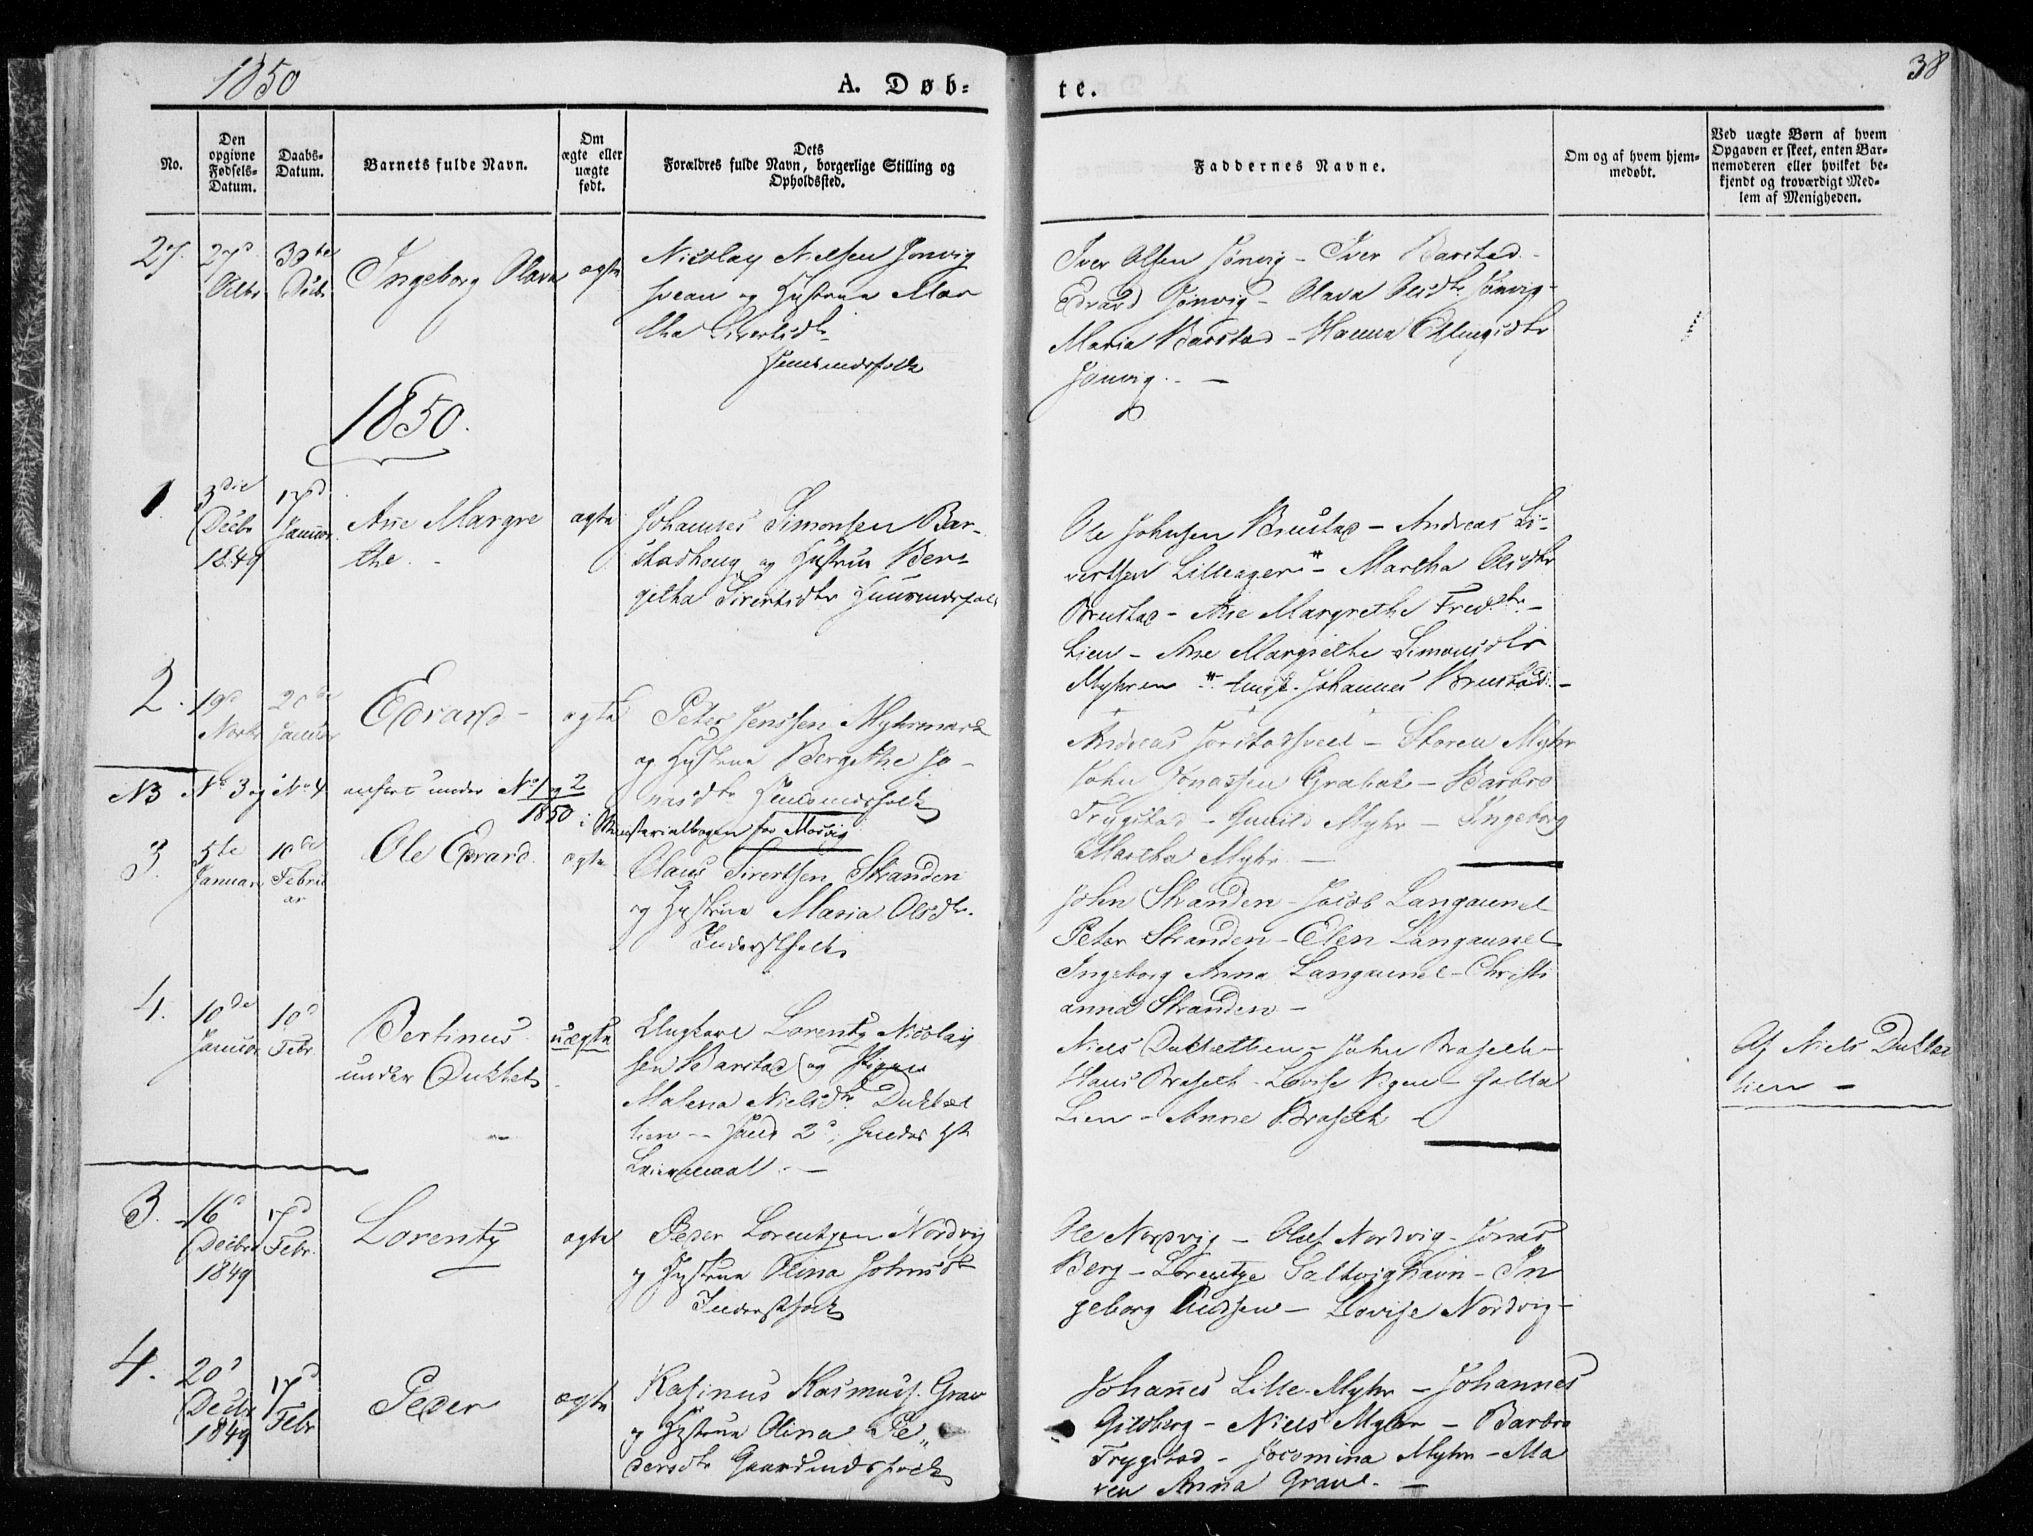 SAT, Ministerialprotokoller, klokkerbøker og fødselsregistre - Nord-Trøndelag, 722/L0218: Ministerialbok nr. 722A05, 1843-1868, s. 38